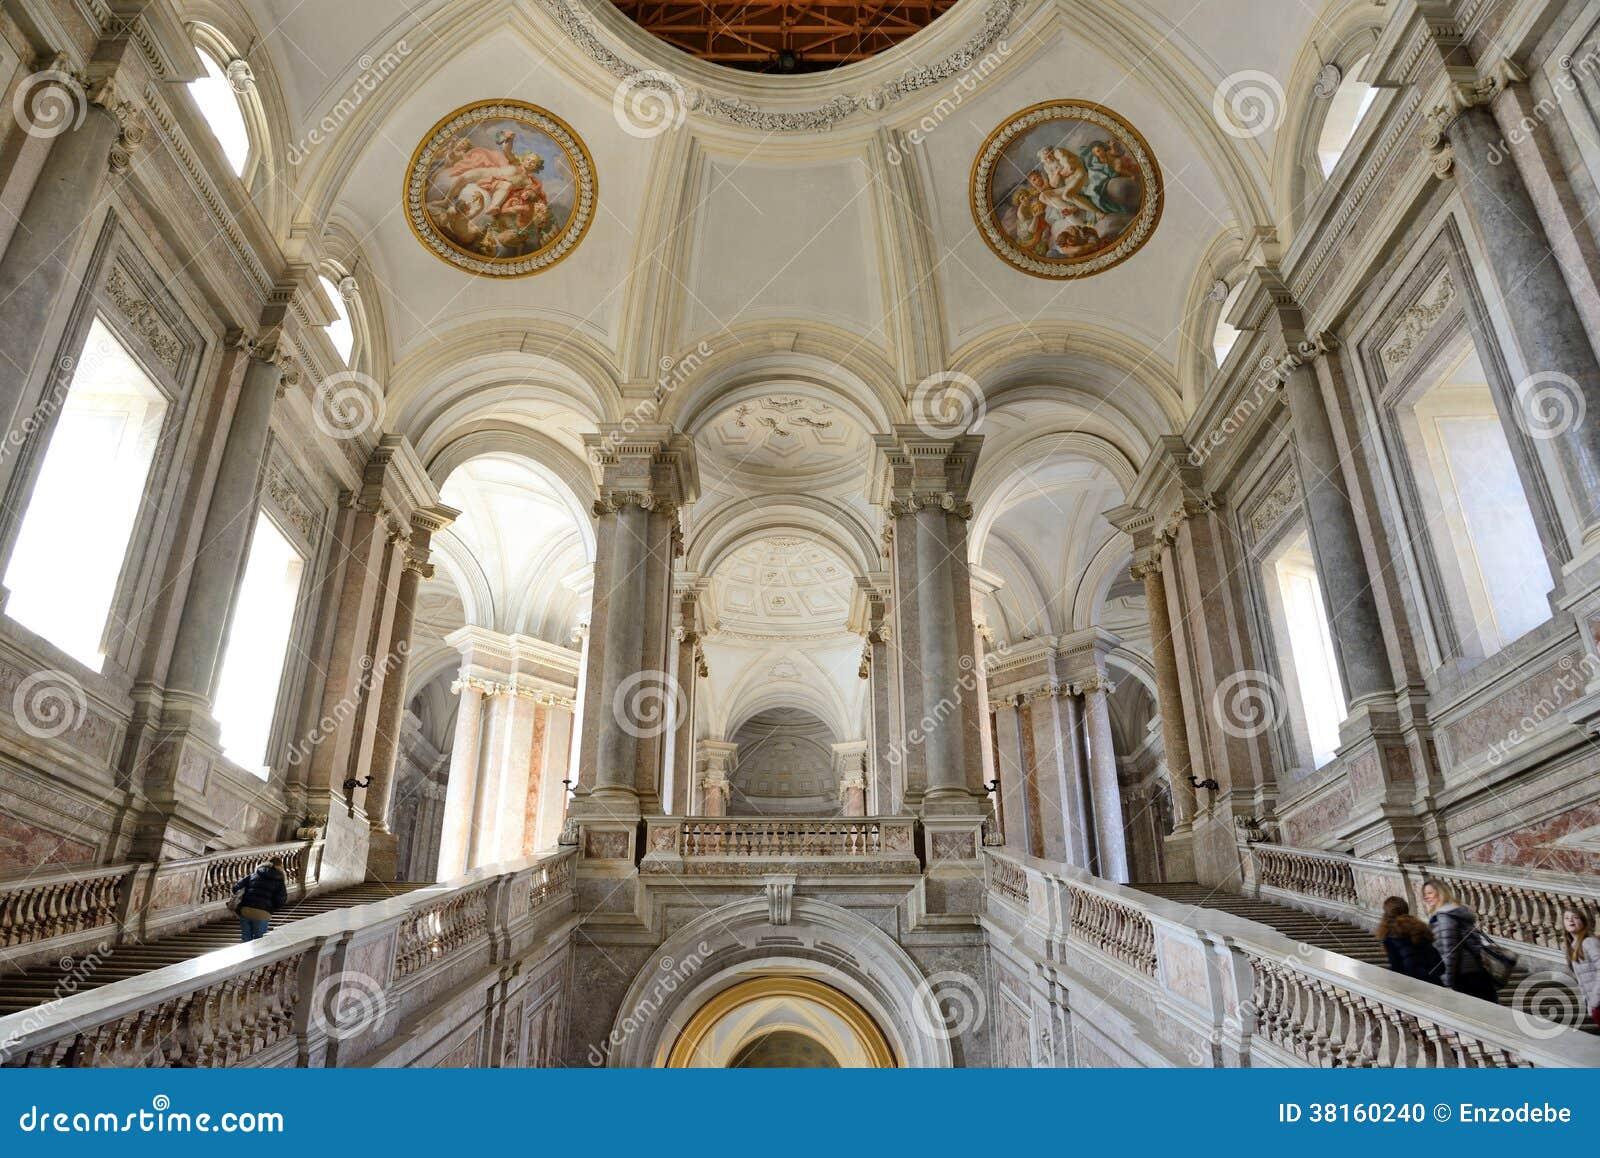 Interior of caserta palace editorial image image 38160240 - Interior designer caserta ...